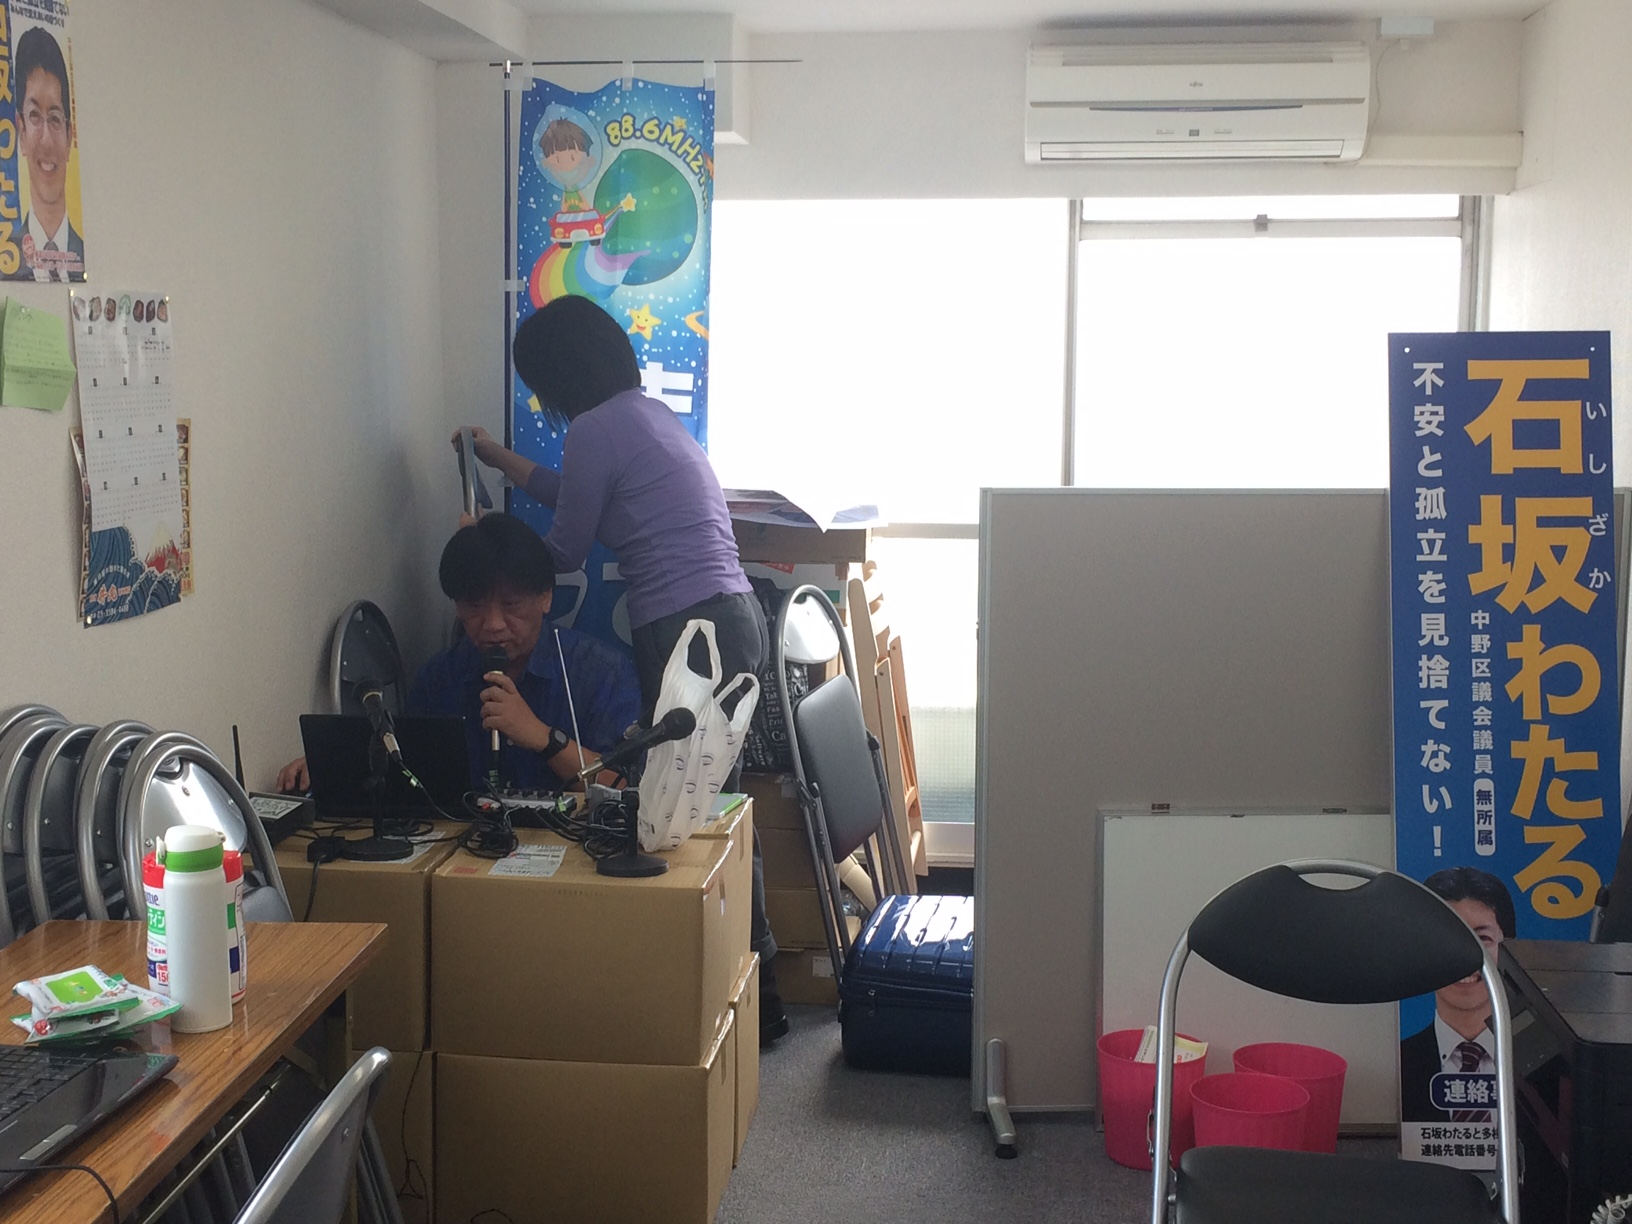 本日の石坂わたるの事務所急ピッチで準備進んでいます_f0121982_1302688.jpg